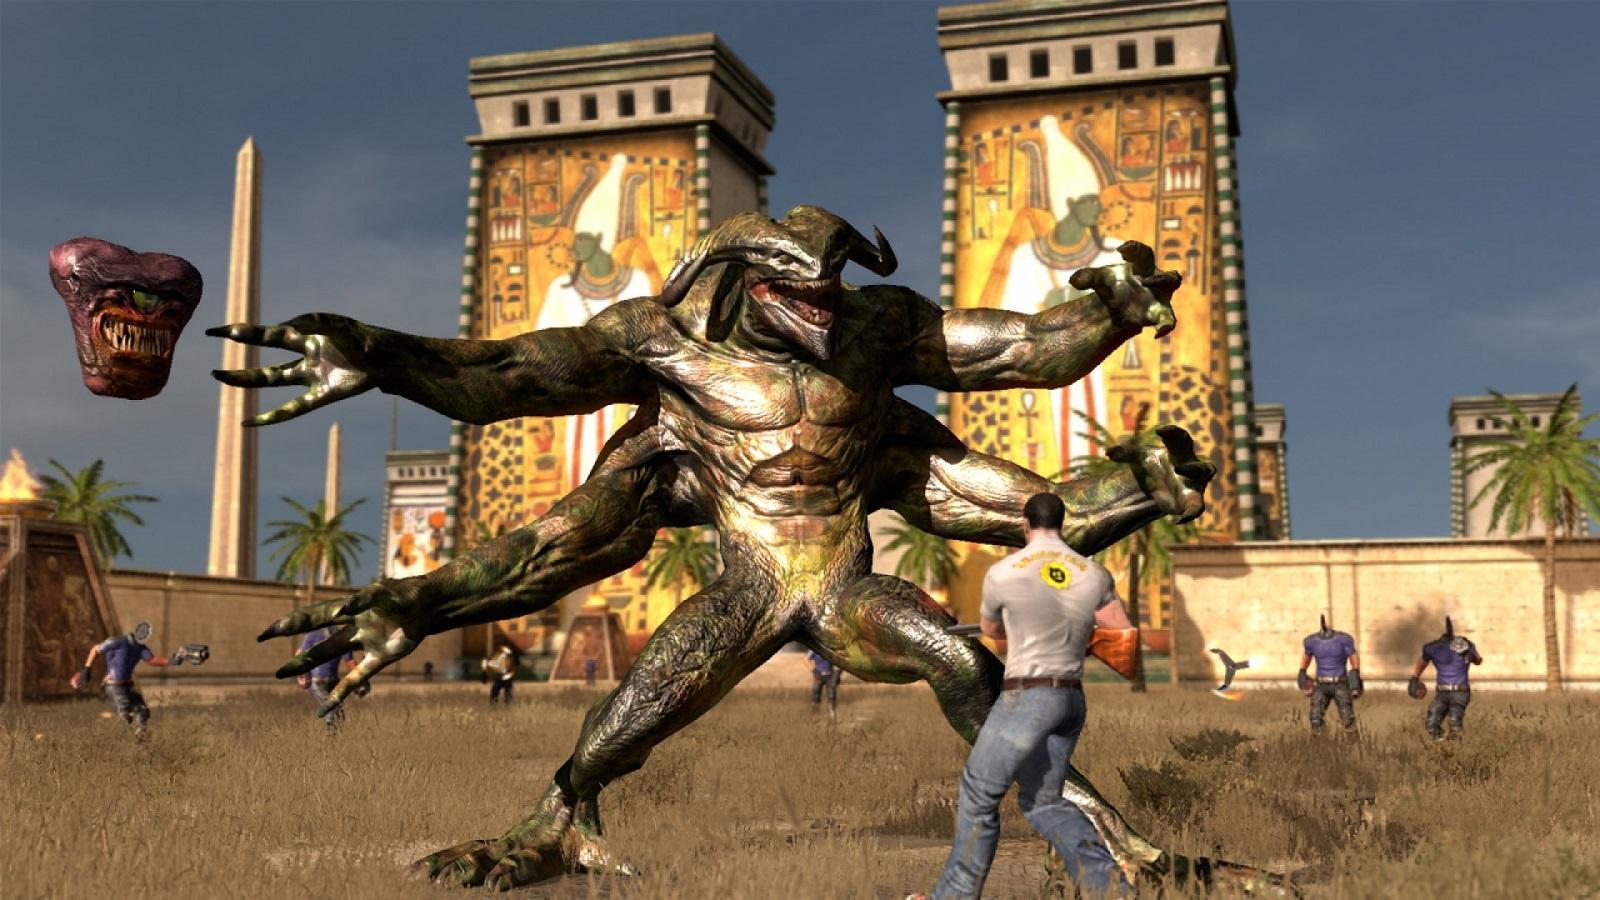 Сборник Serious Sam Collection выйдет 17 ноября не только на Switch, но также на PS4 и Xbox One